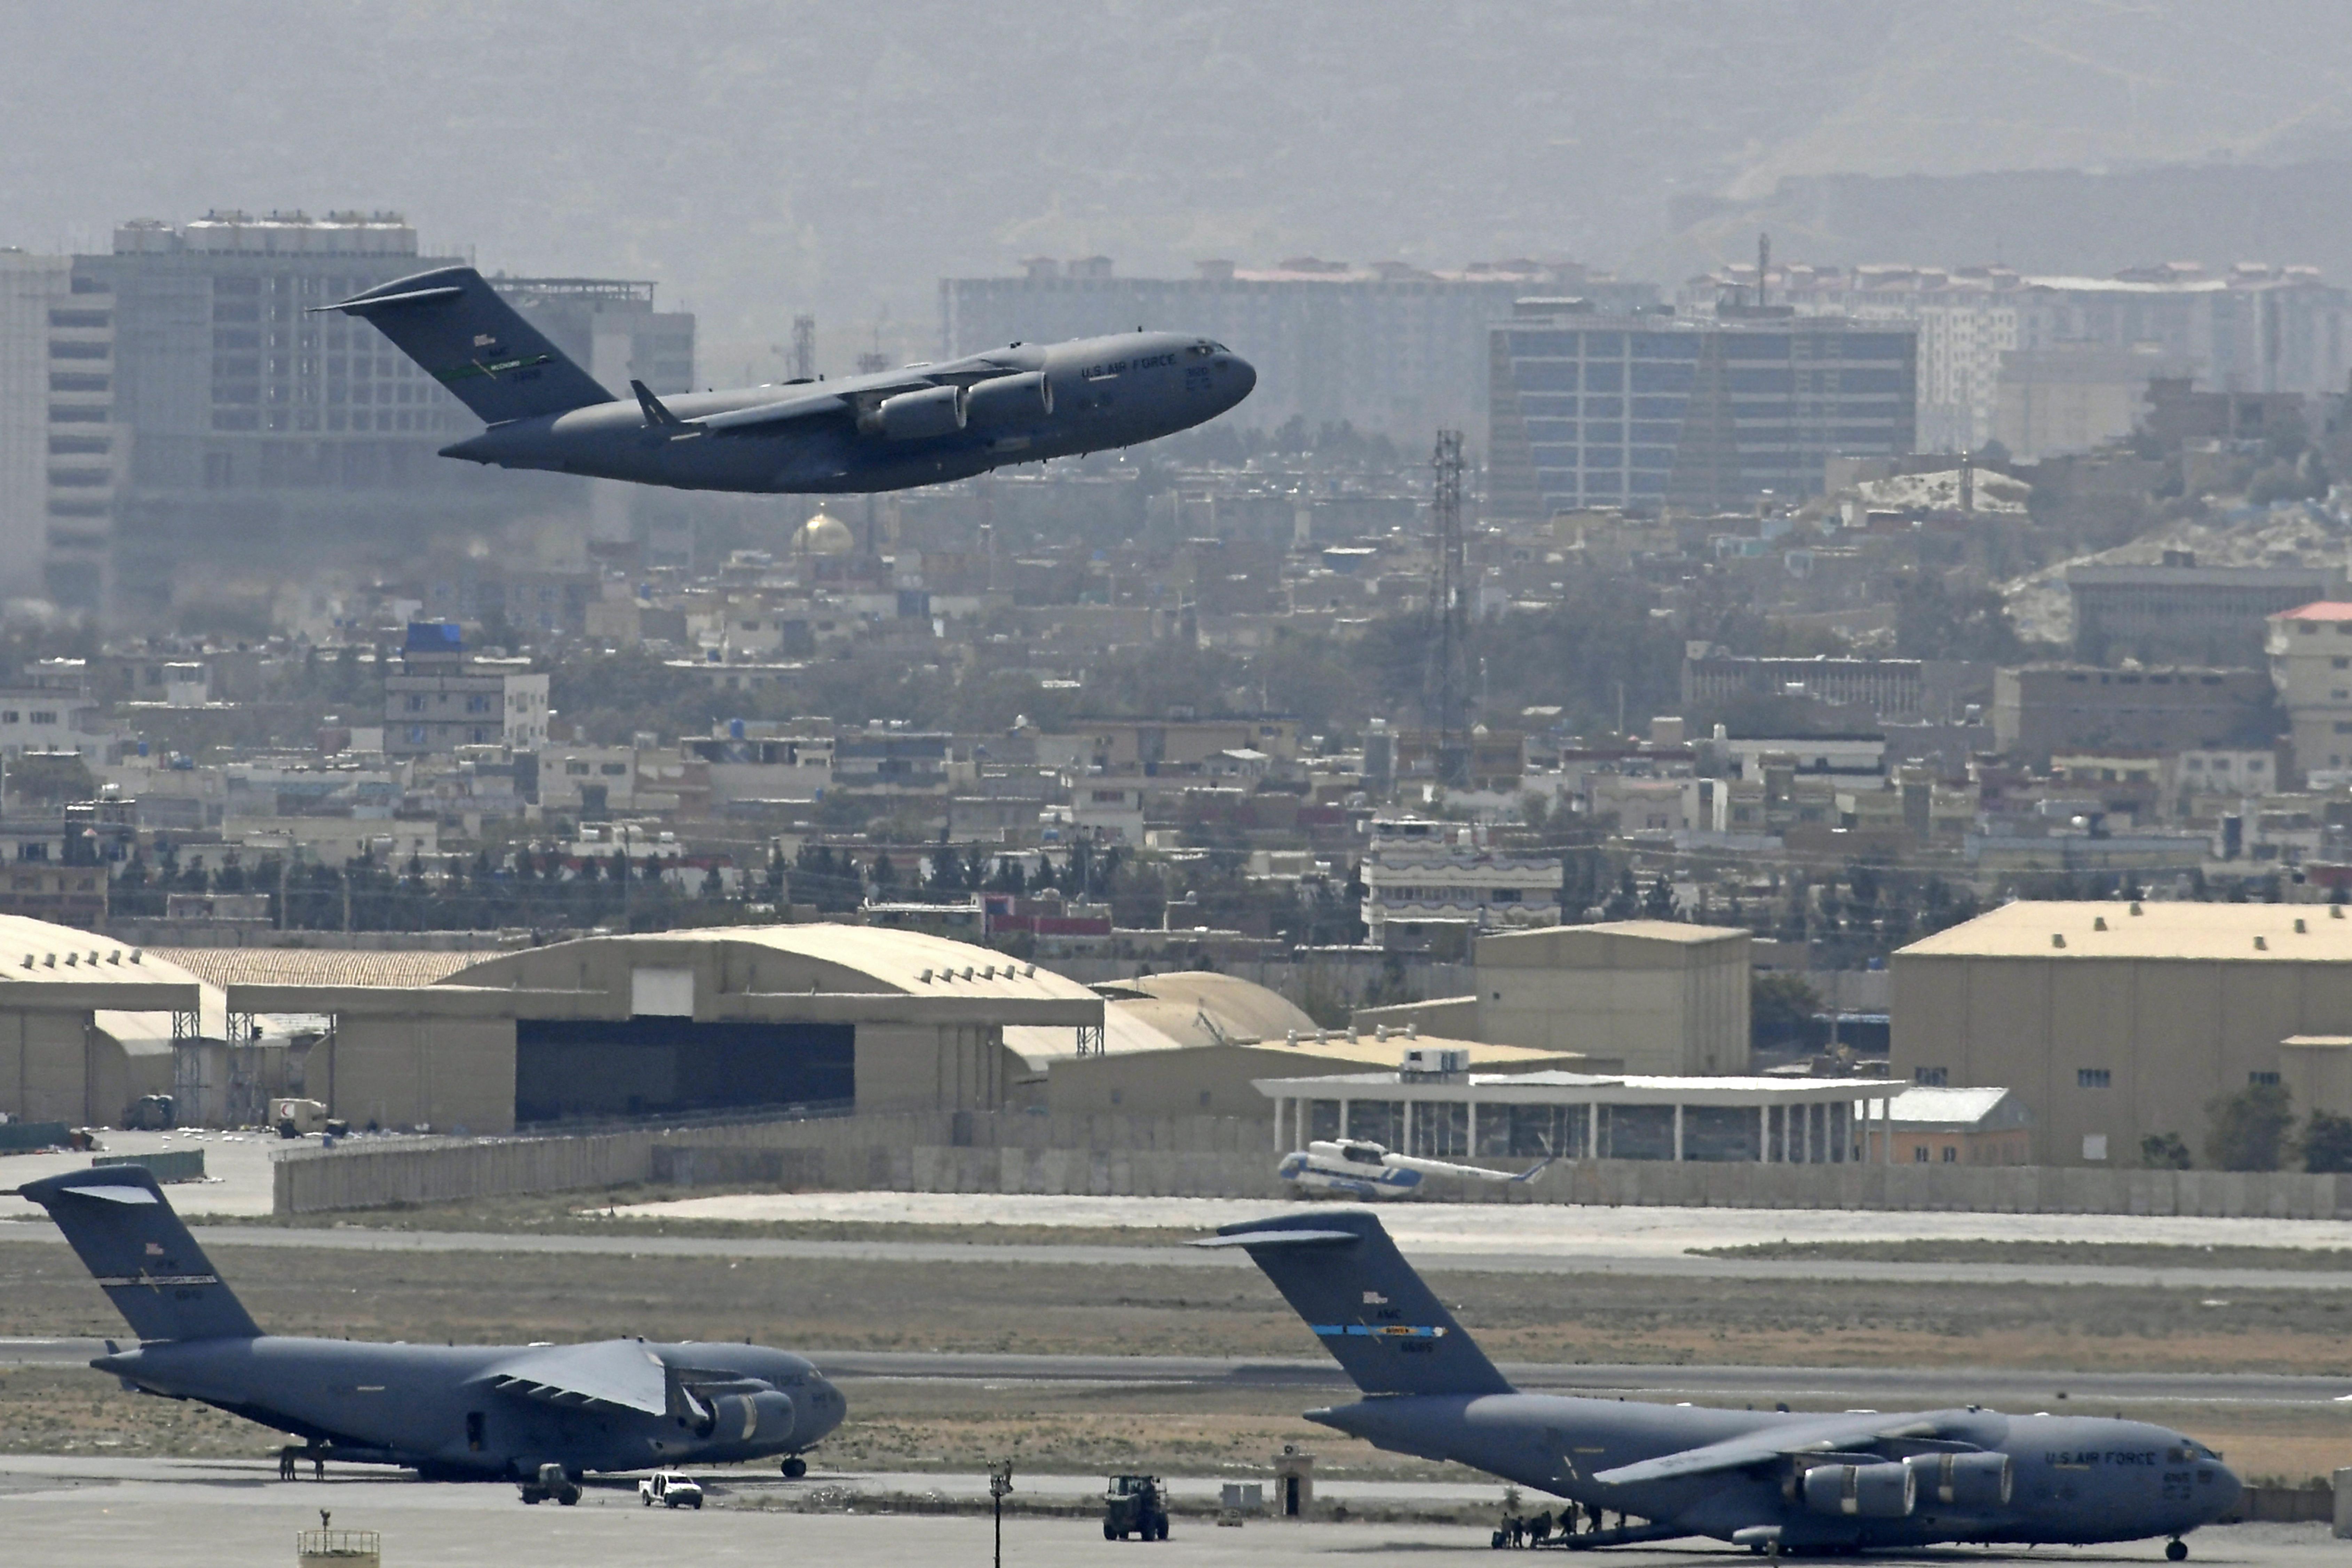 Az utolsó amerikai katonai gépek is elhagyták Afganisztánt, de több száz amerikai maradt az országban